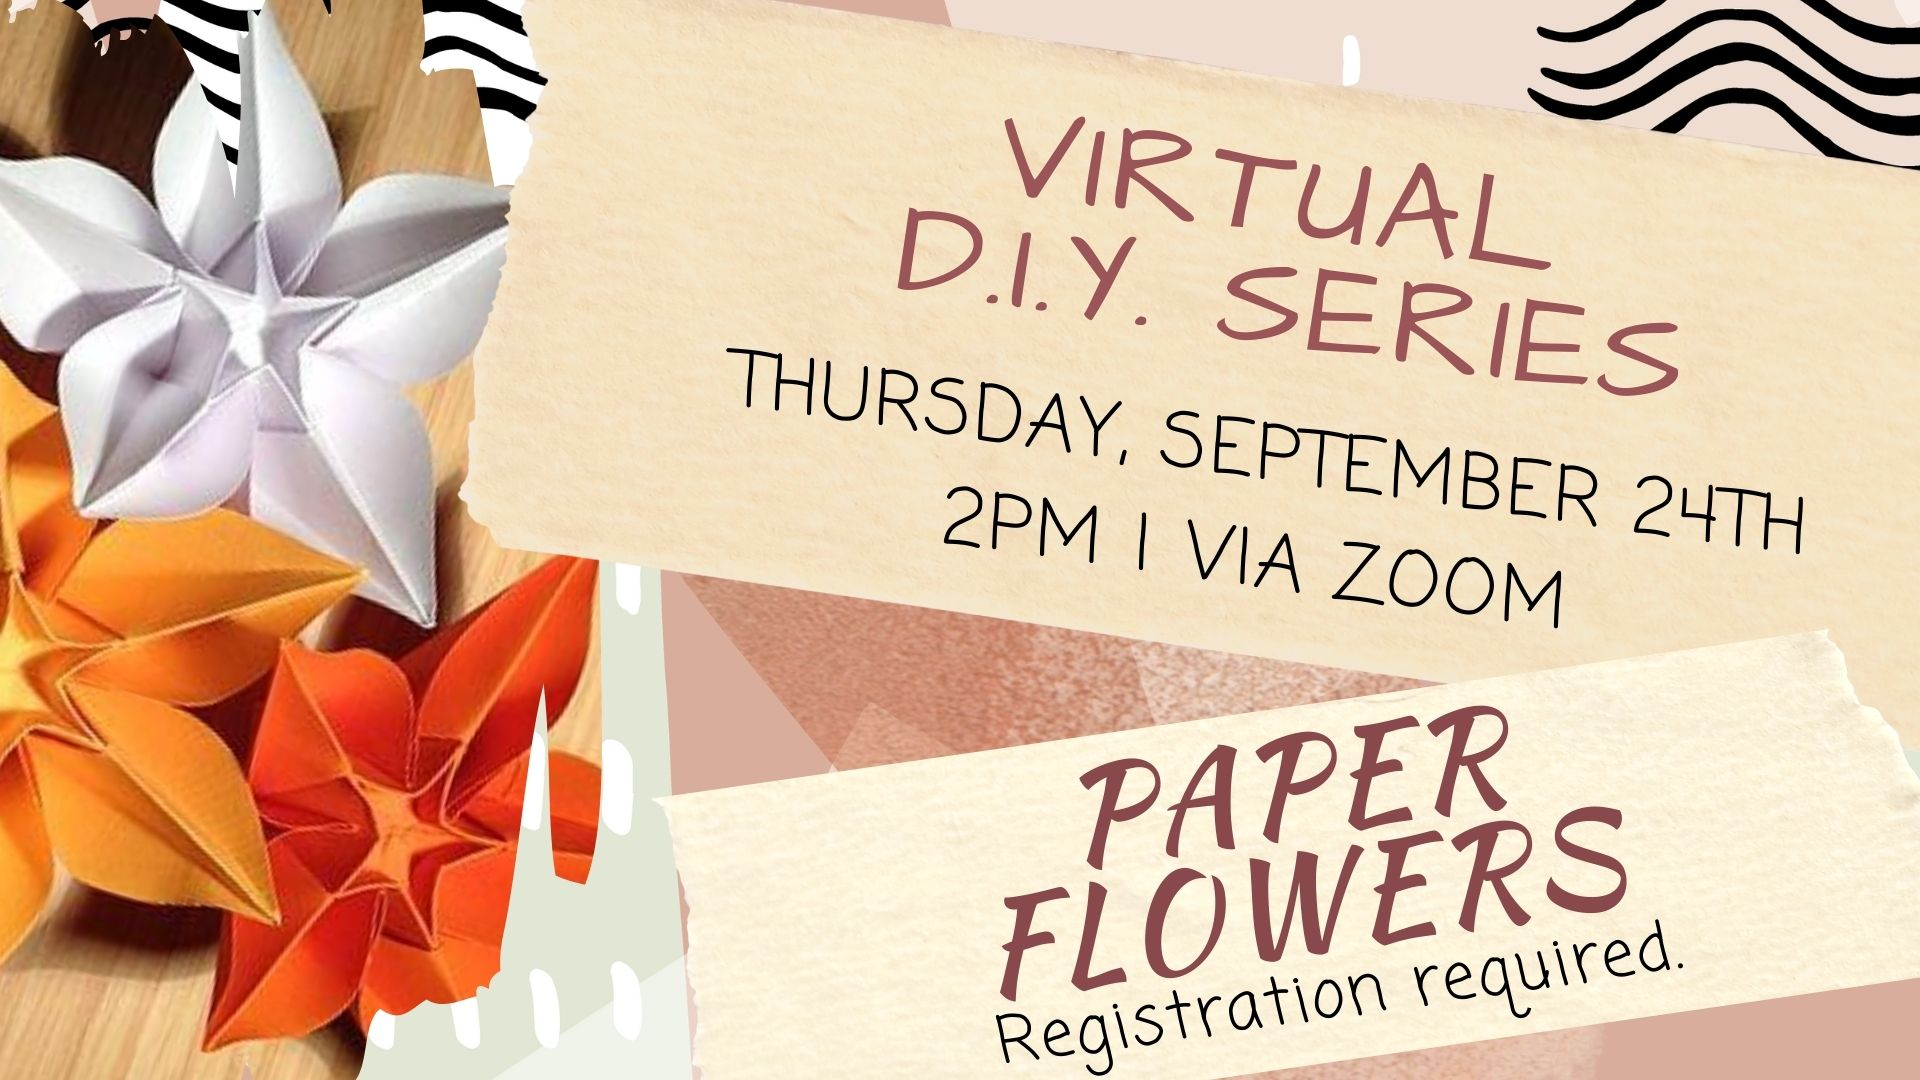 Vritual DIY Series: Paper Flowers